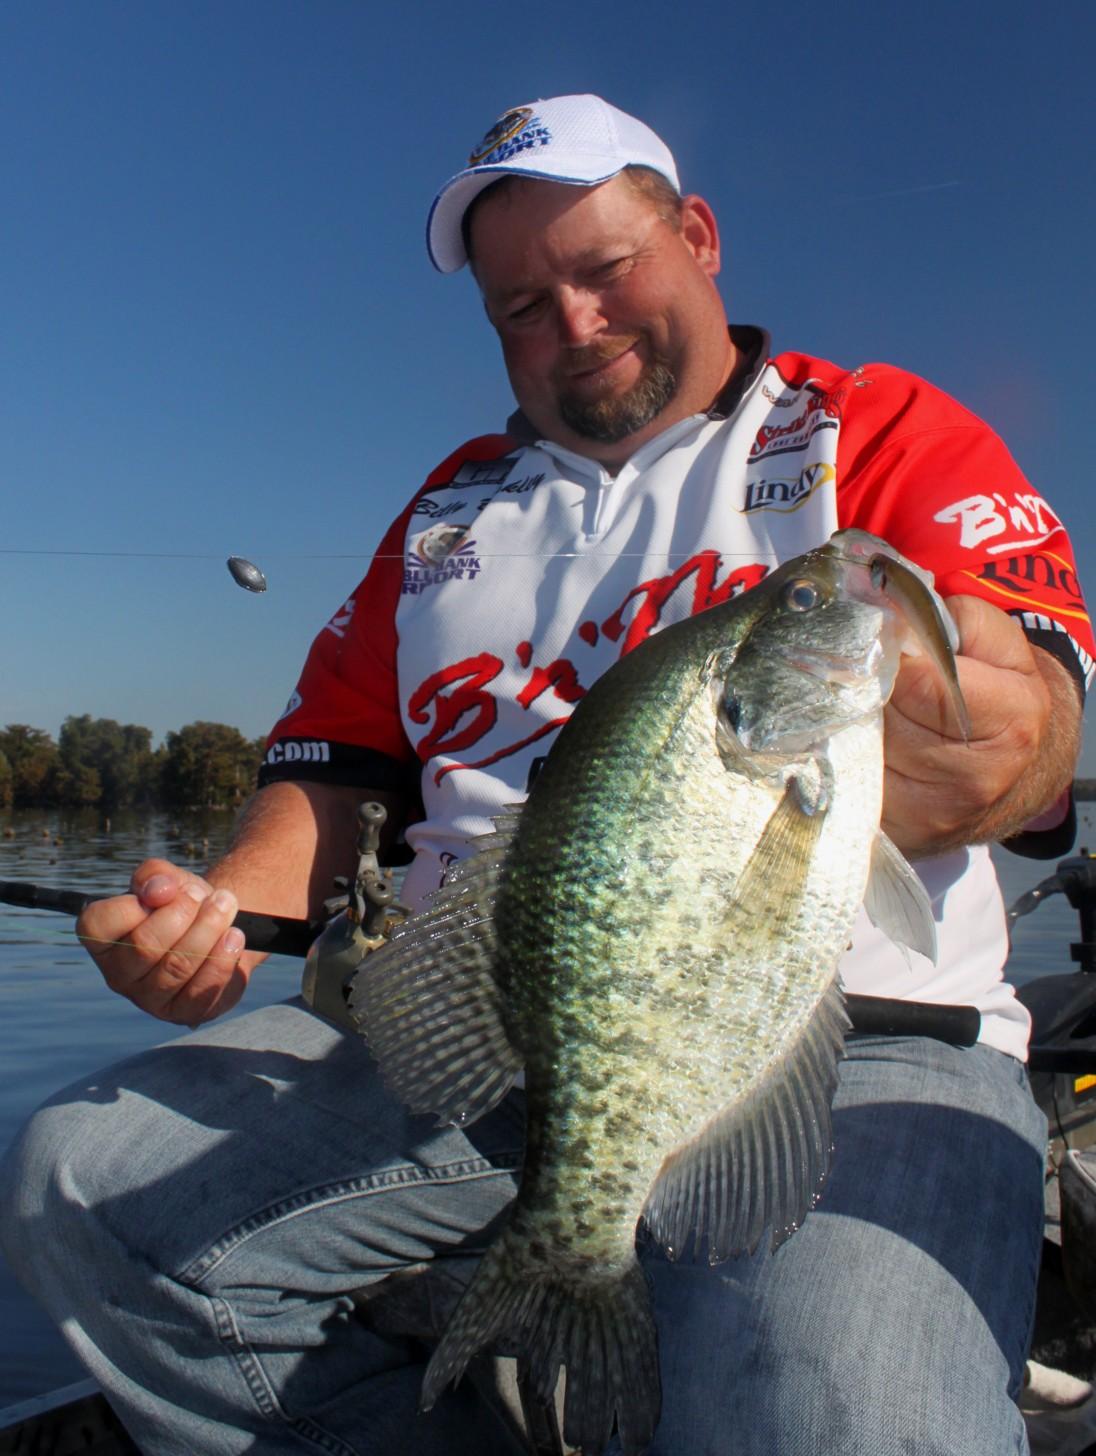 Jeff Samsel Fishing: Reelfoot Crappie Legends